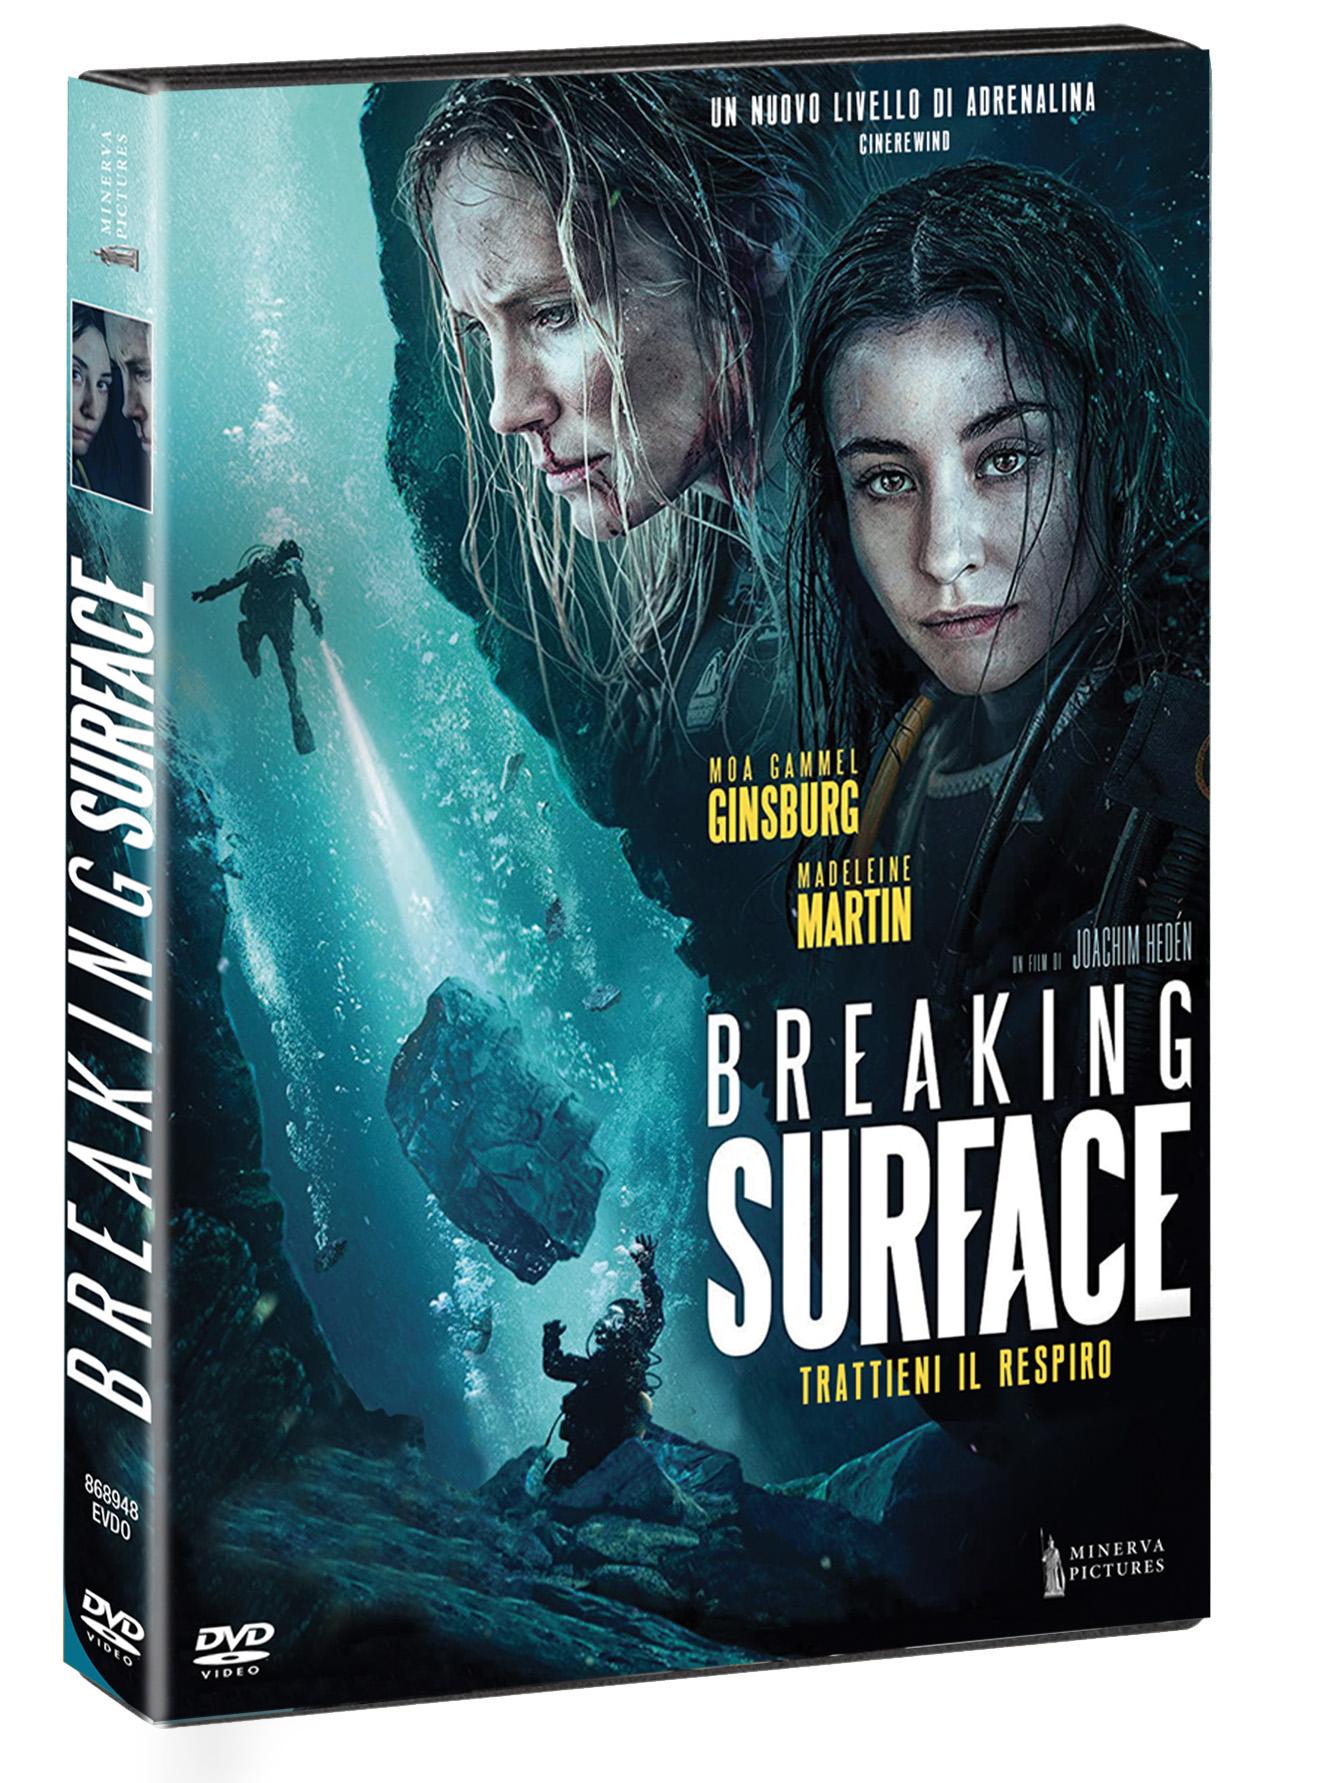 BREAKING SURFACE - TRATTIENI IL RESPIRO (DVD)